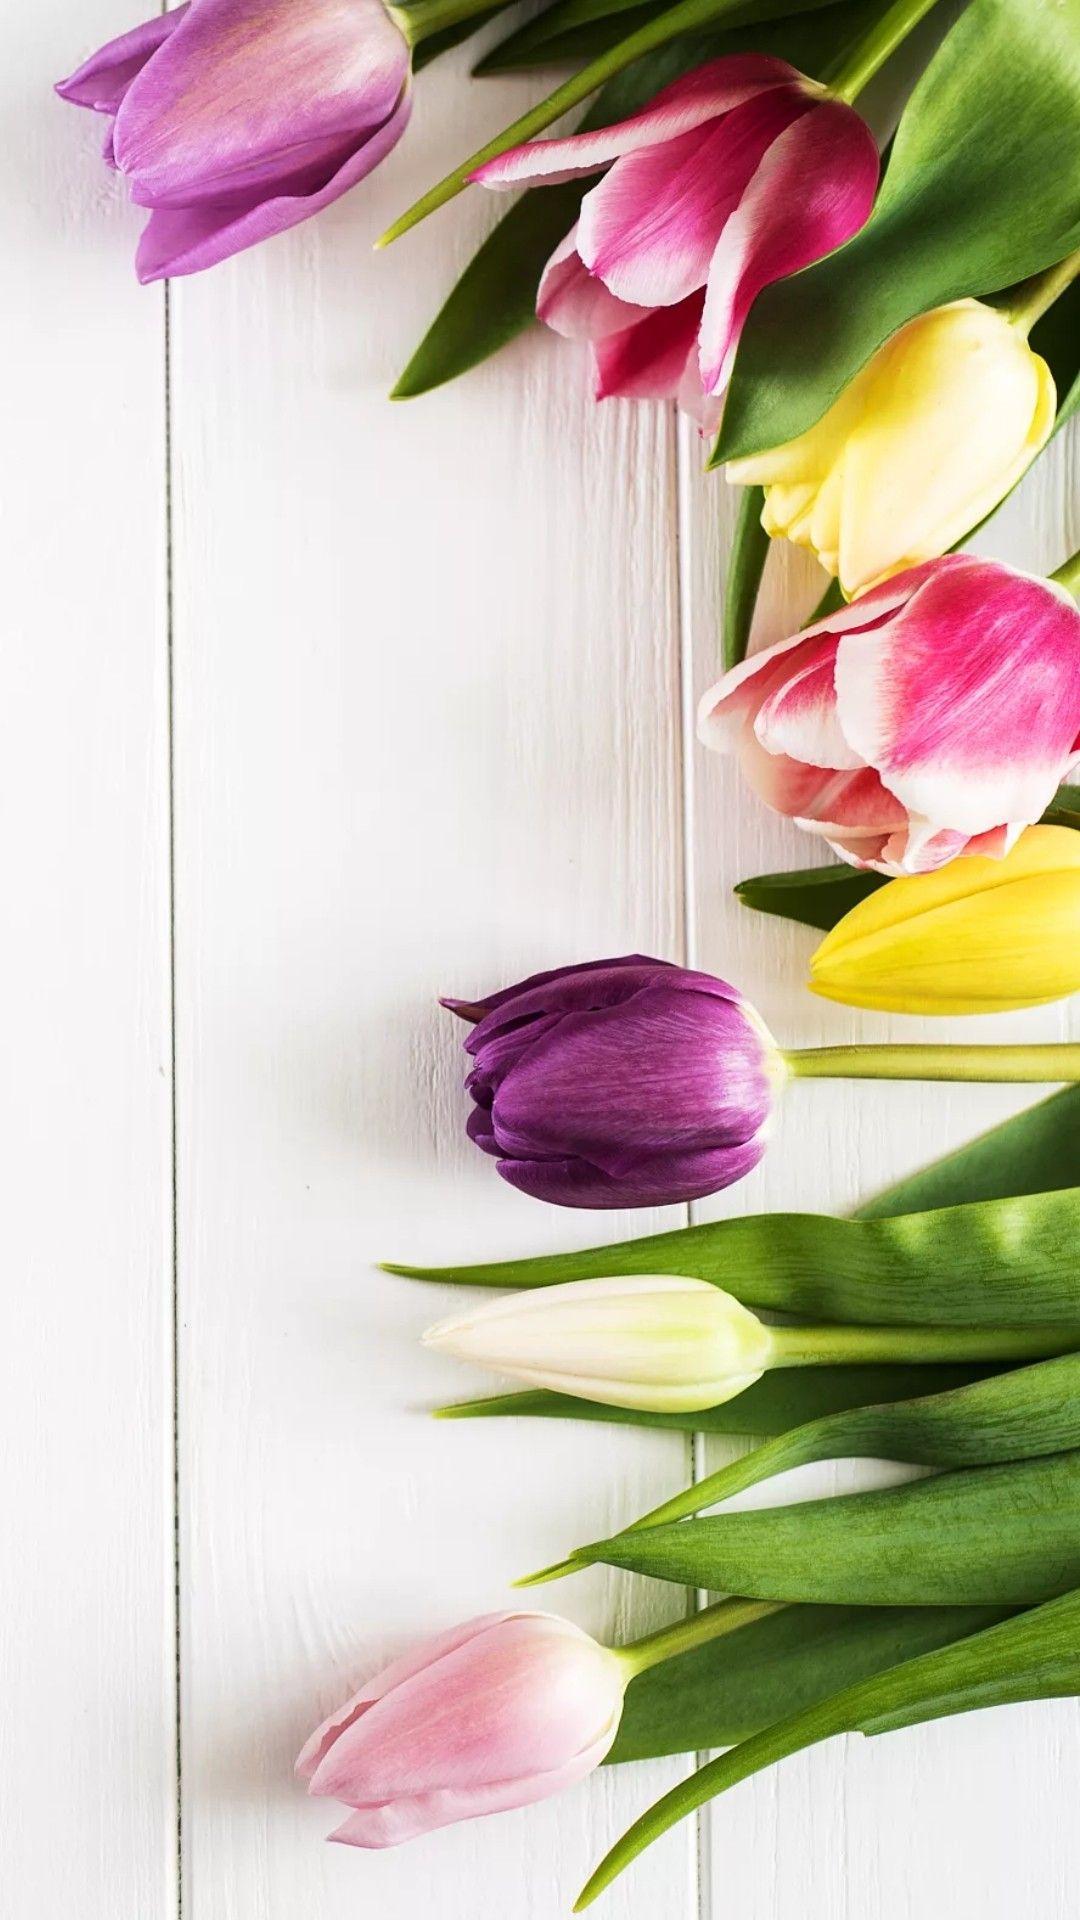 Tulips Ideas De Fondos De Pantalla Fondos De Flores Flores Tulipanes